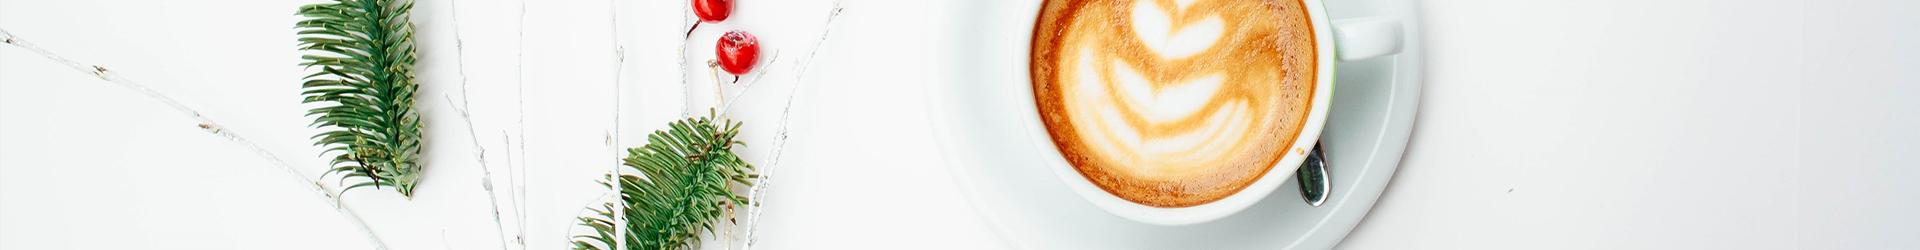 アクアラボのリノベーションを支える5つの理念「最高のおもてなし」